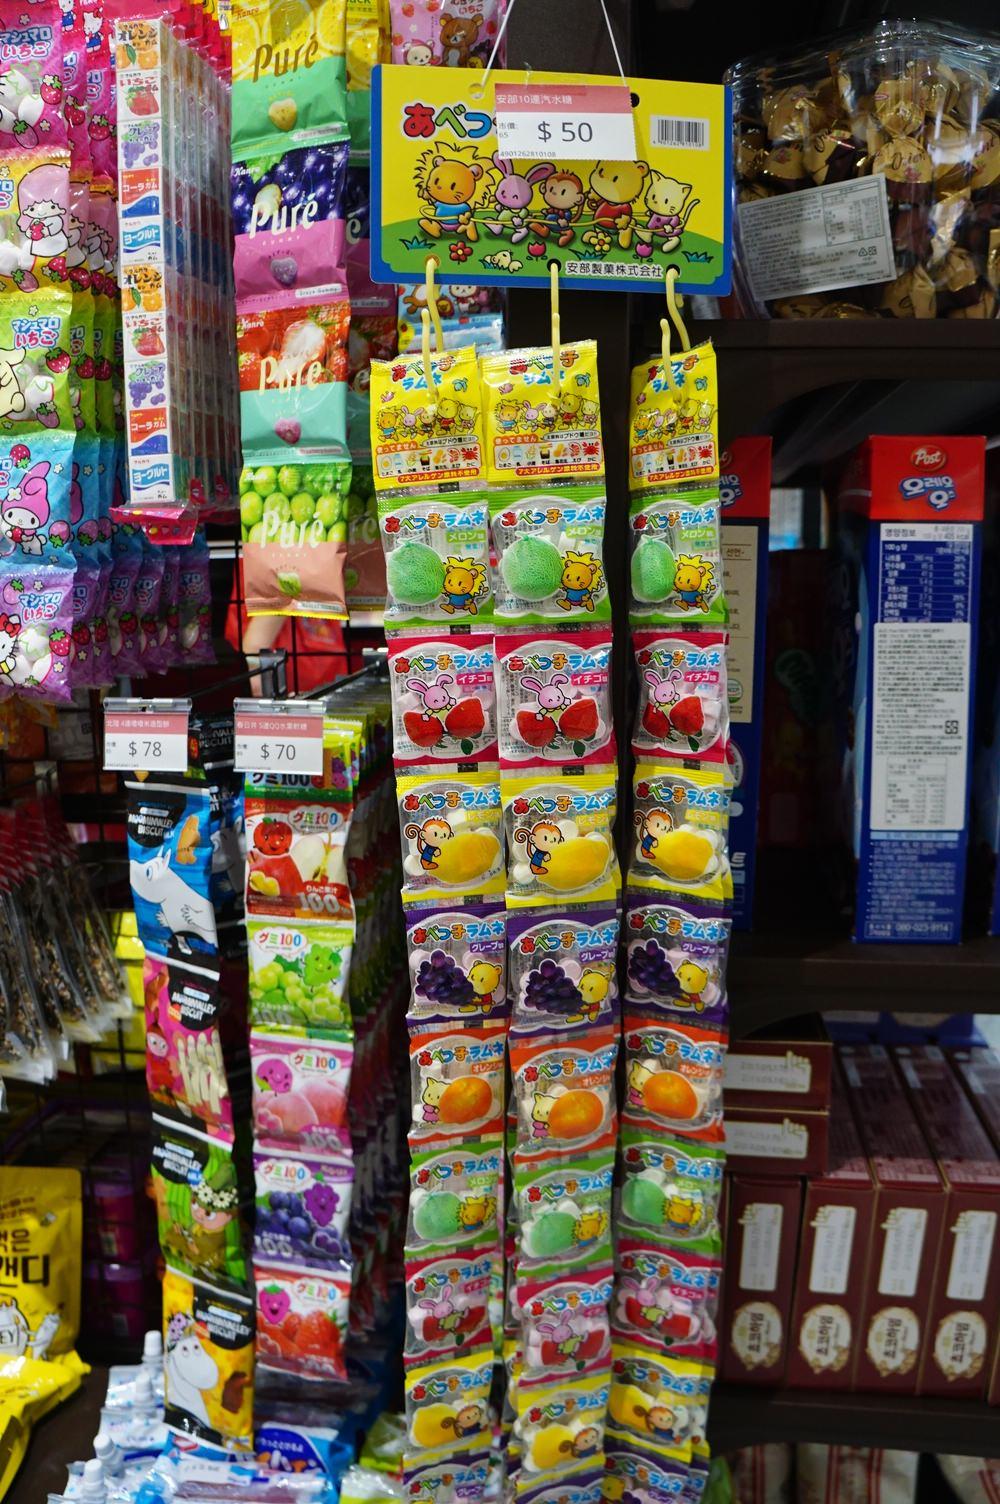 20181017185313 17 - 熱血採訪[新莊 三省堂異國零食]免出國就可以買到超夯的日韓泰國泡麵零食 超好買超好逛